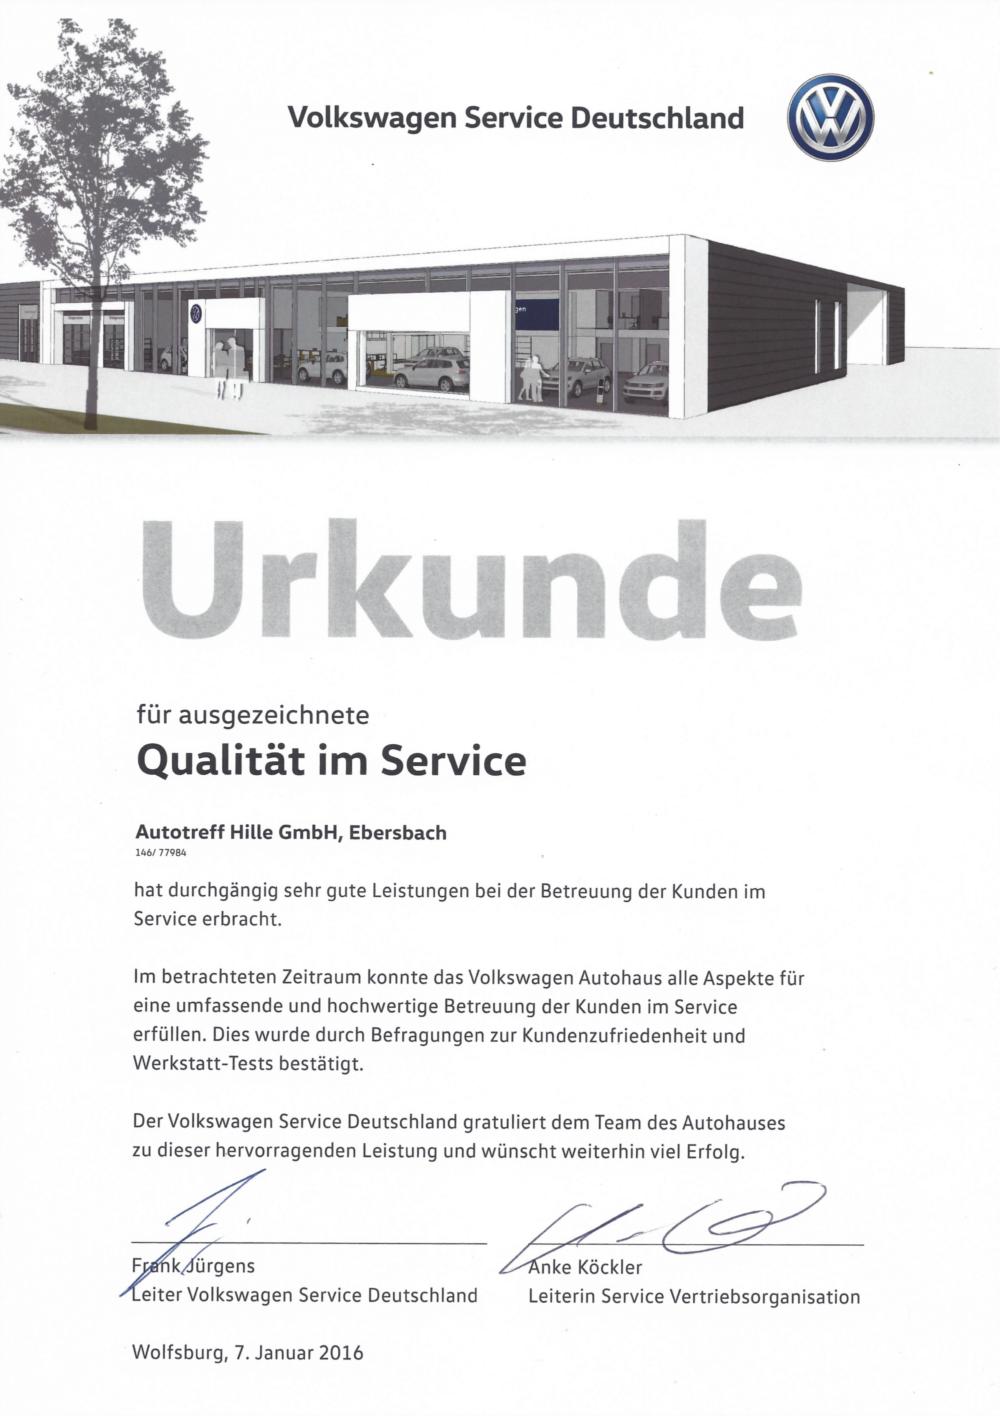 Urkunde für ausgezeichnete Qualität im Service 2016